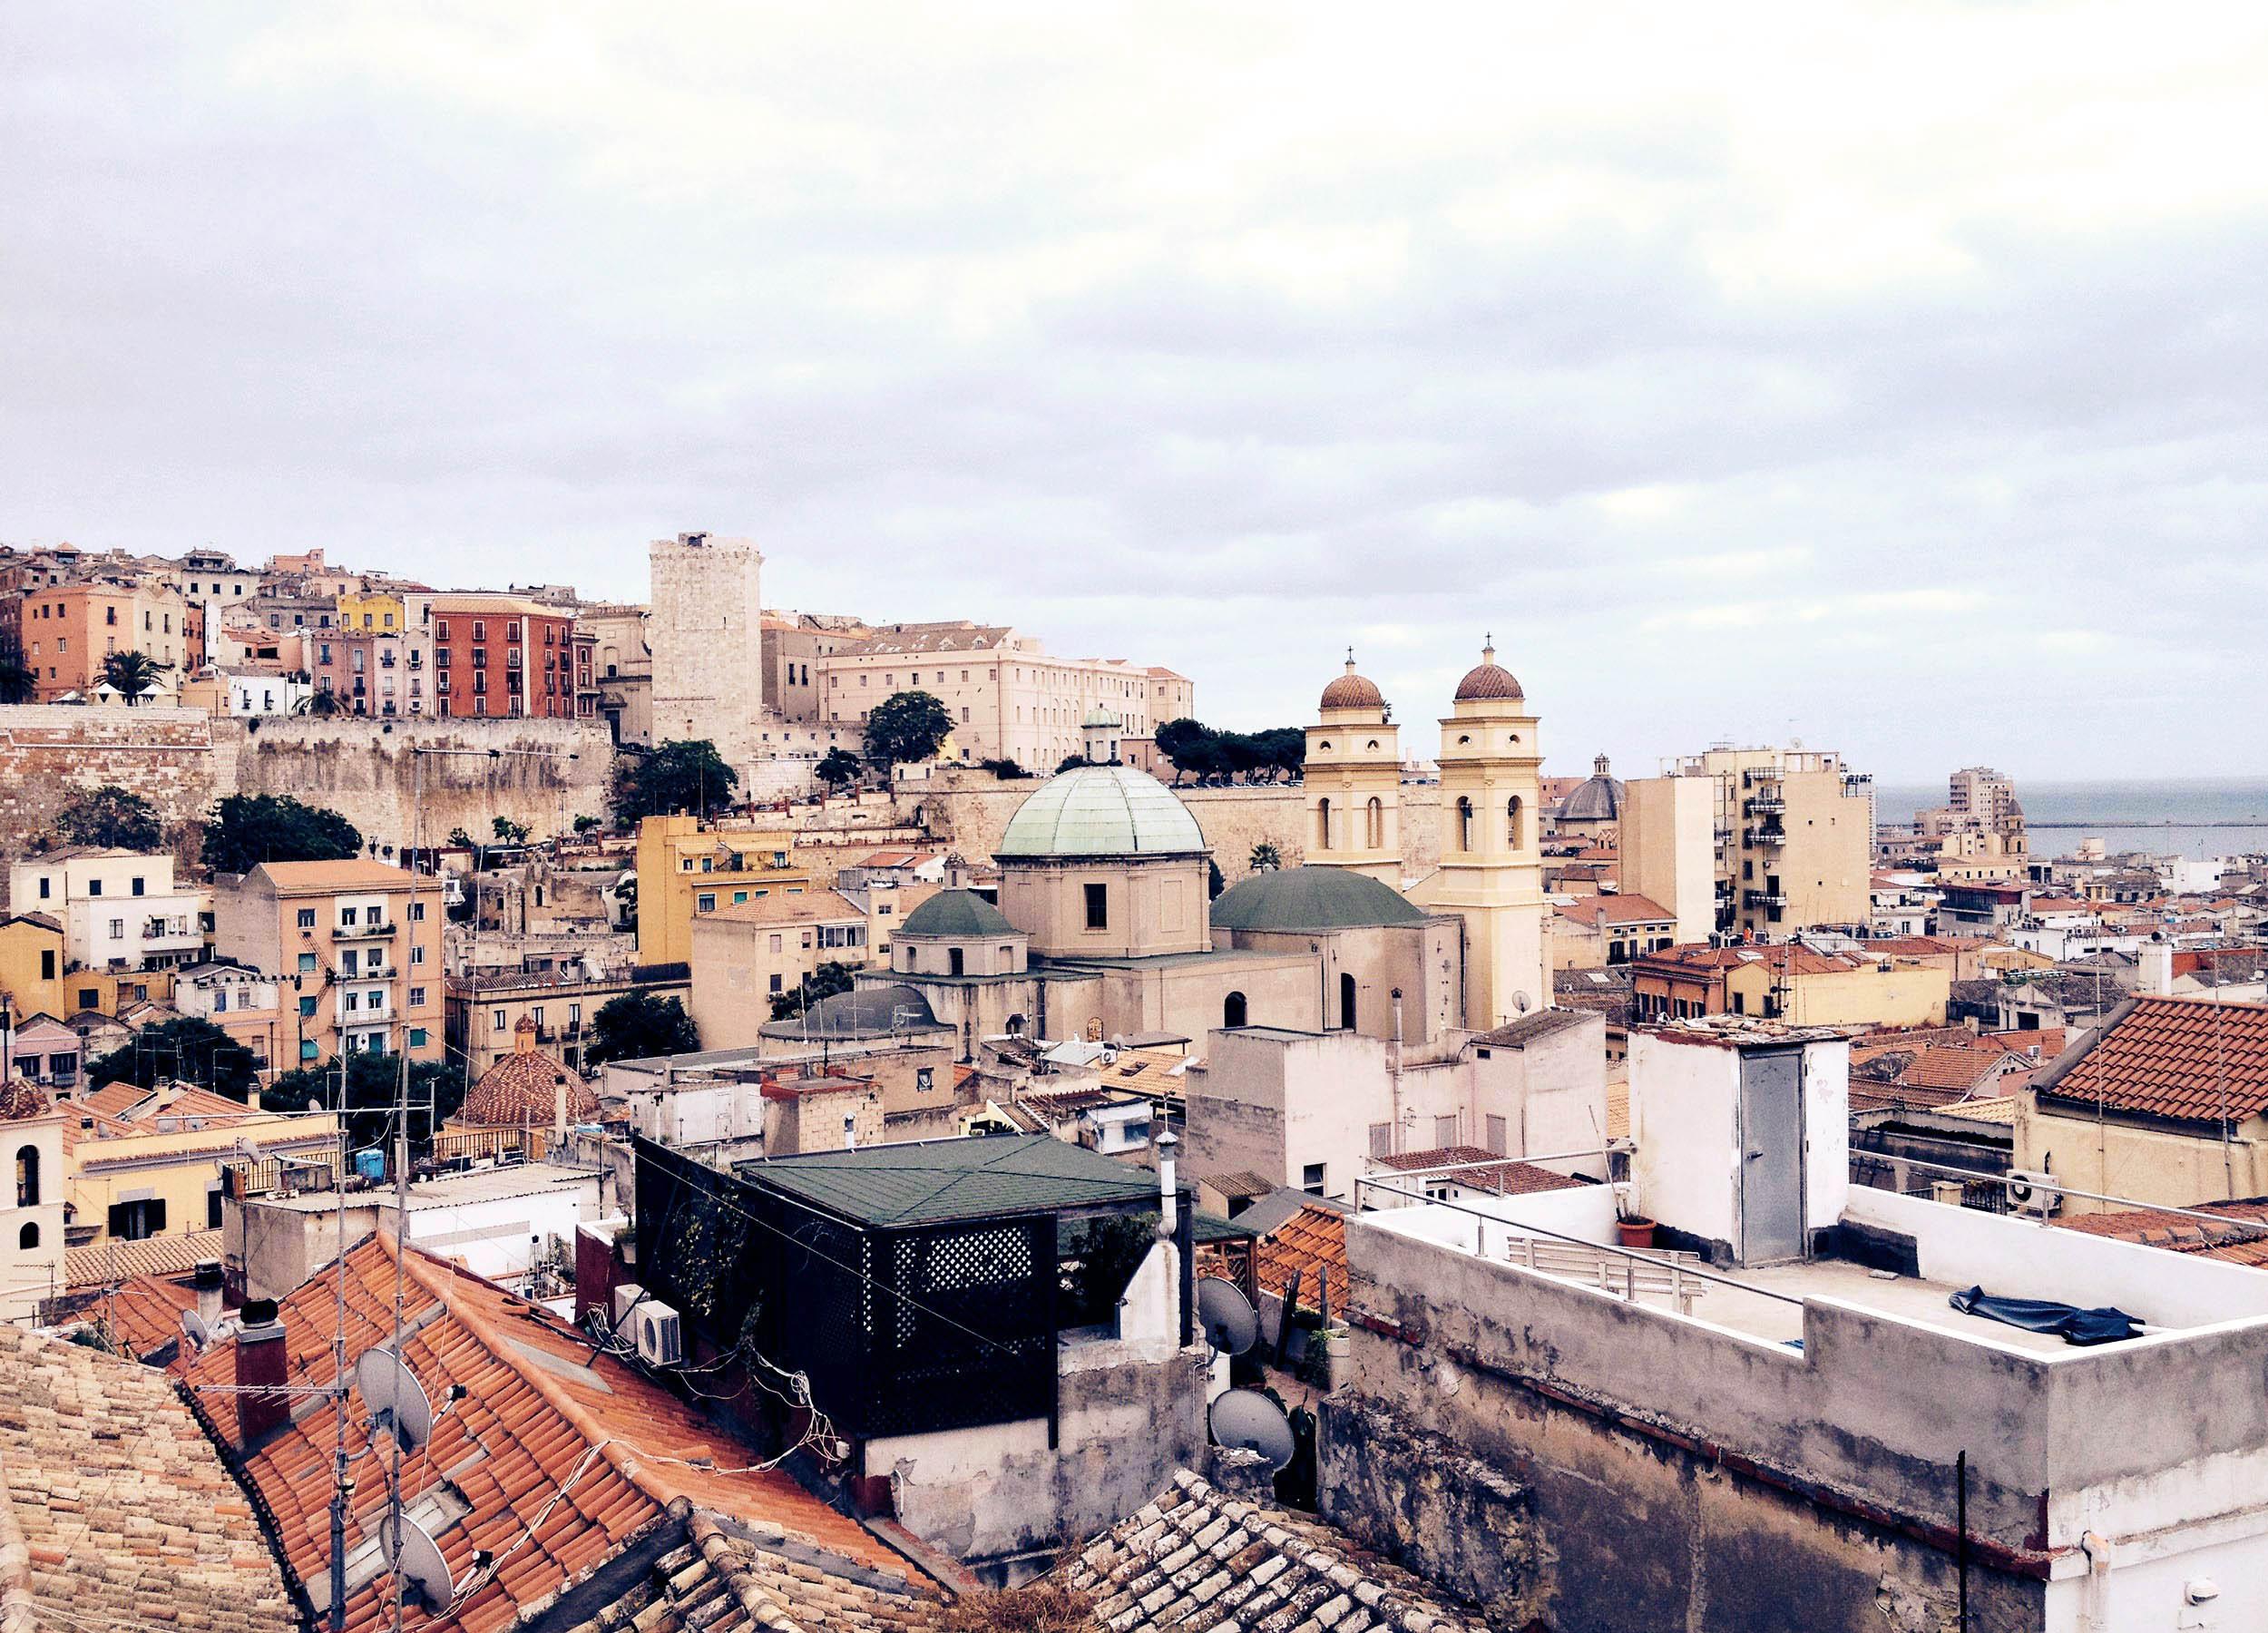 View over the city of Cagliari